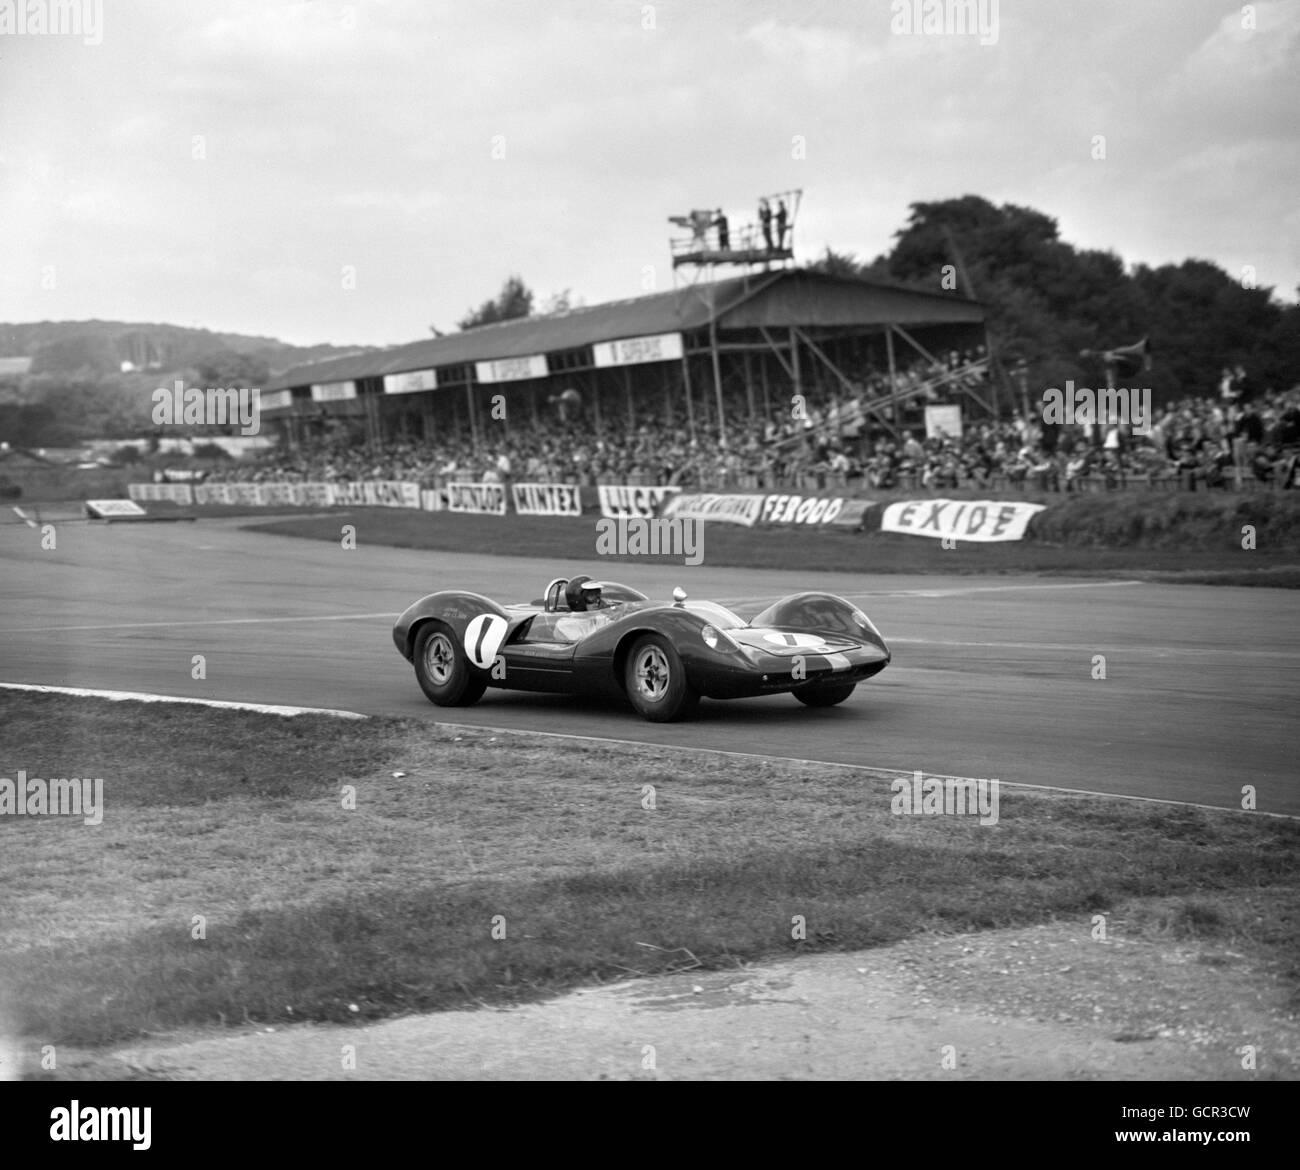 Motor Racing - 29th RAC Tourists Trophy - Goodwood - Stock Image